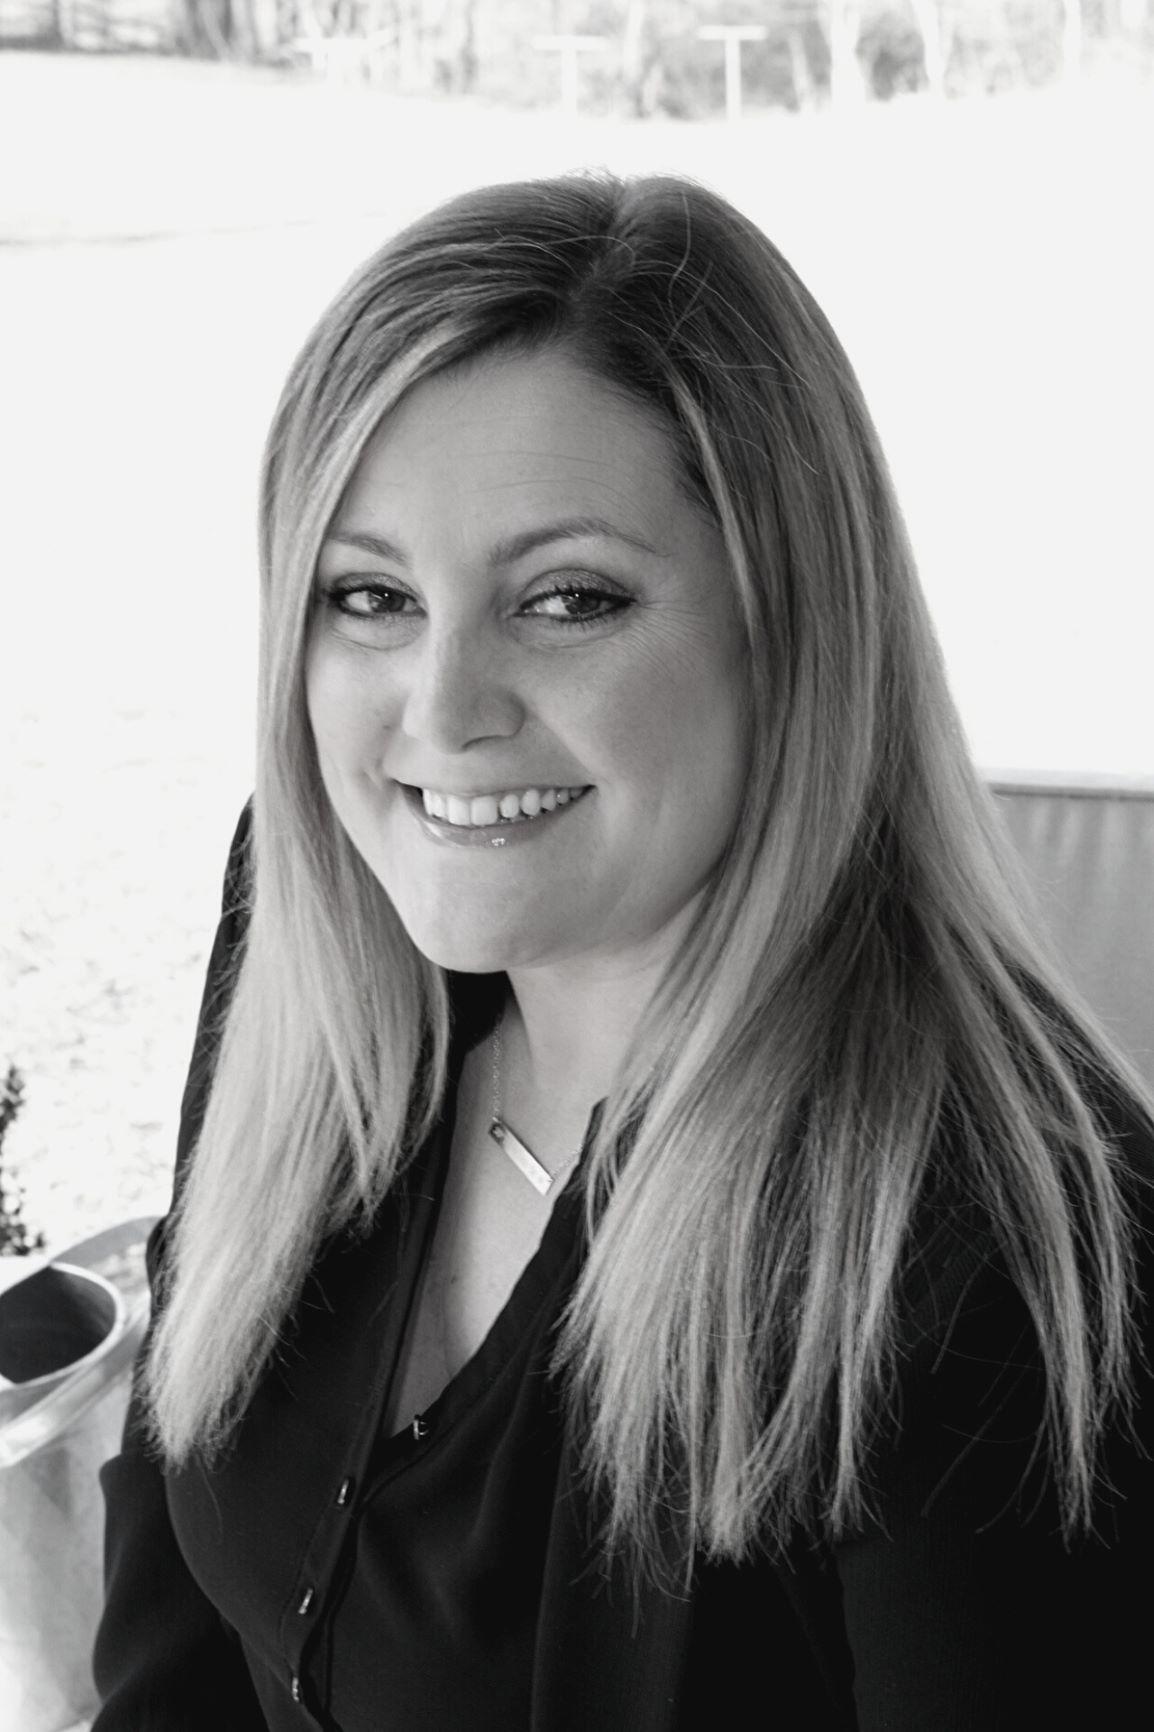 Amber Grayson Matzke